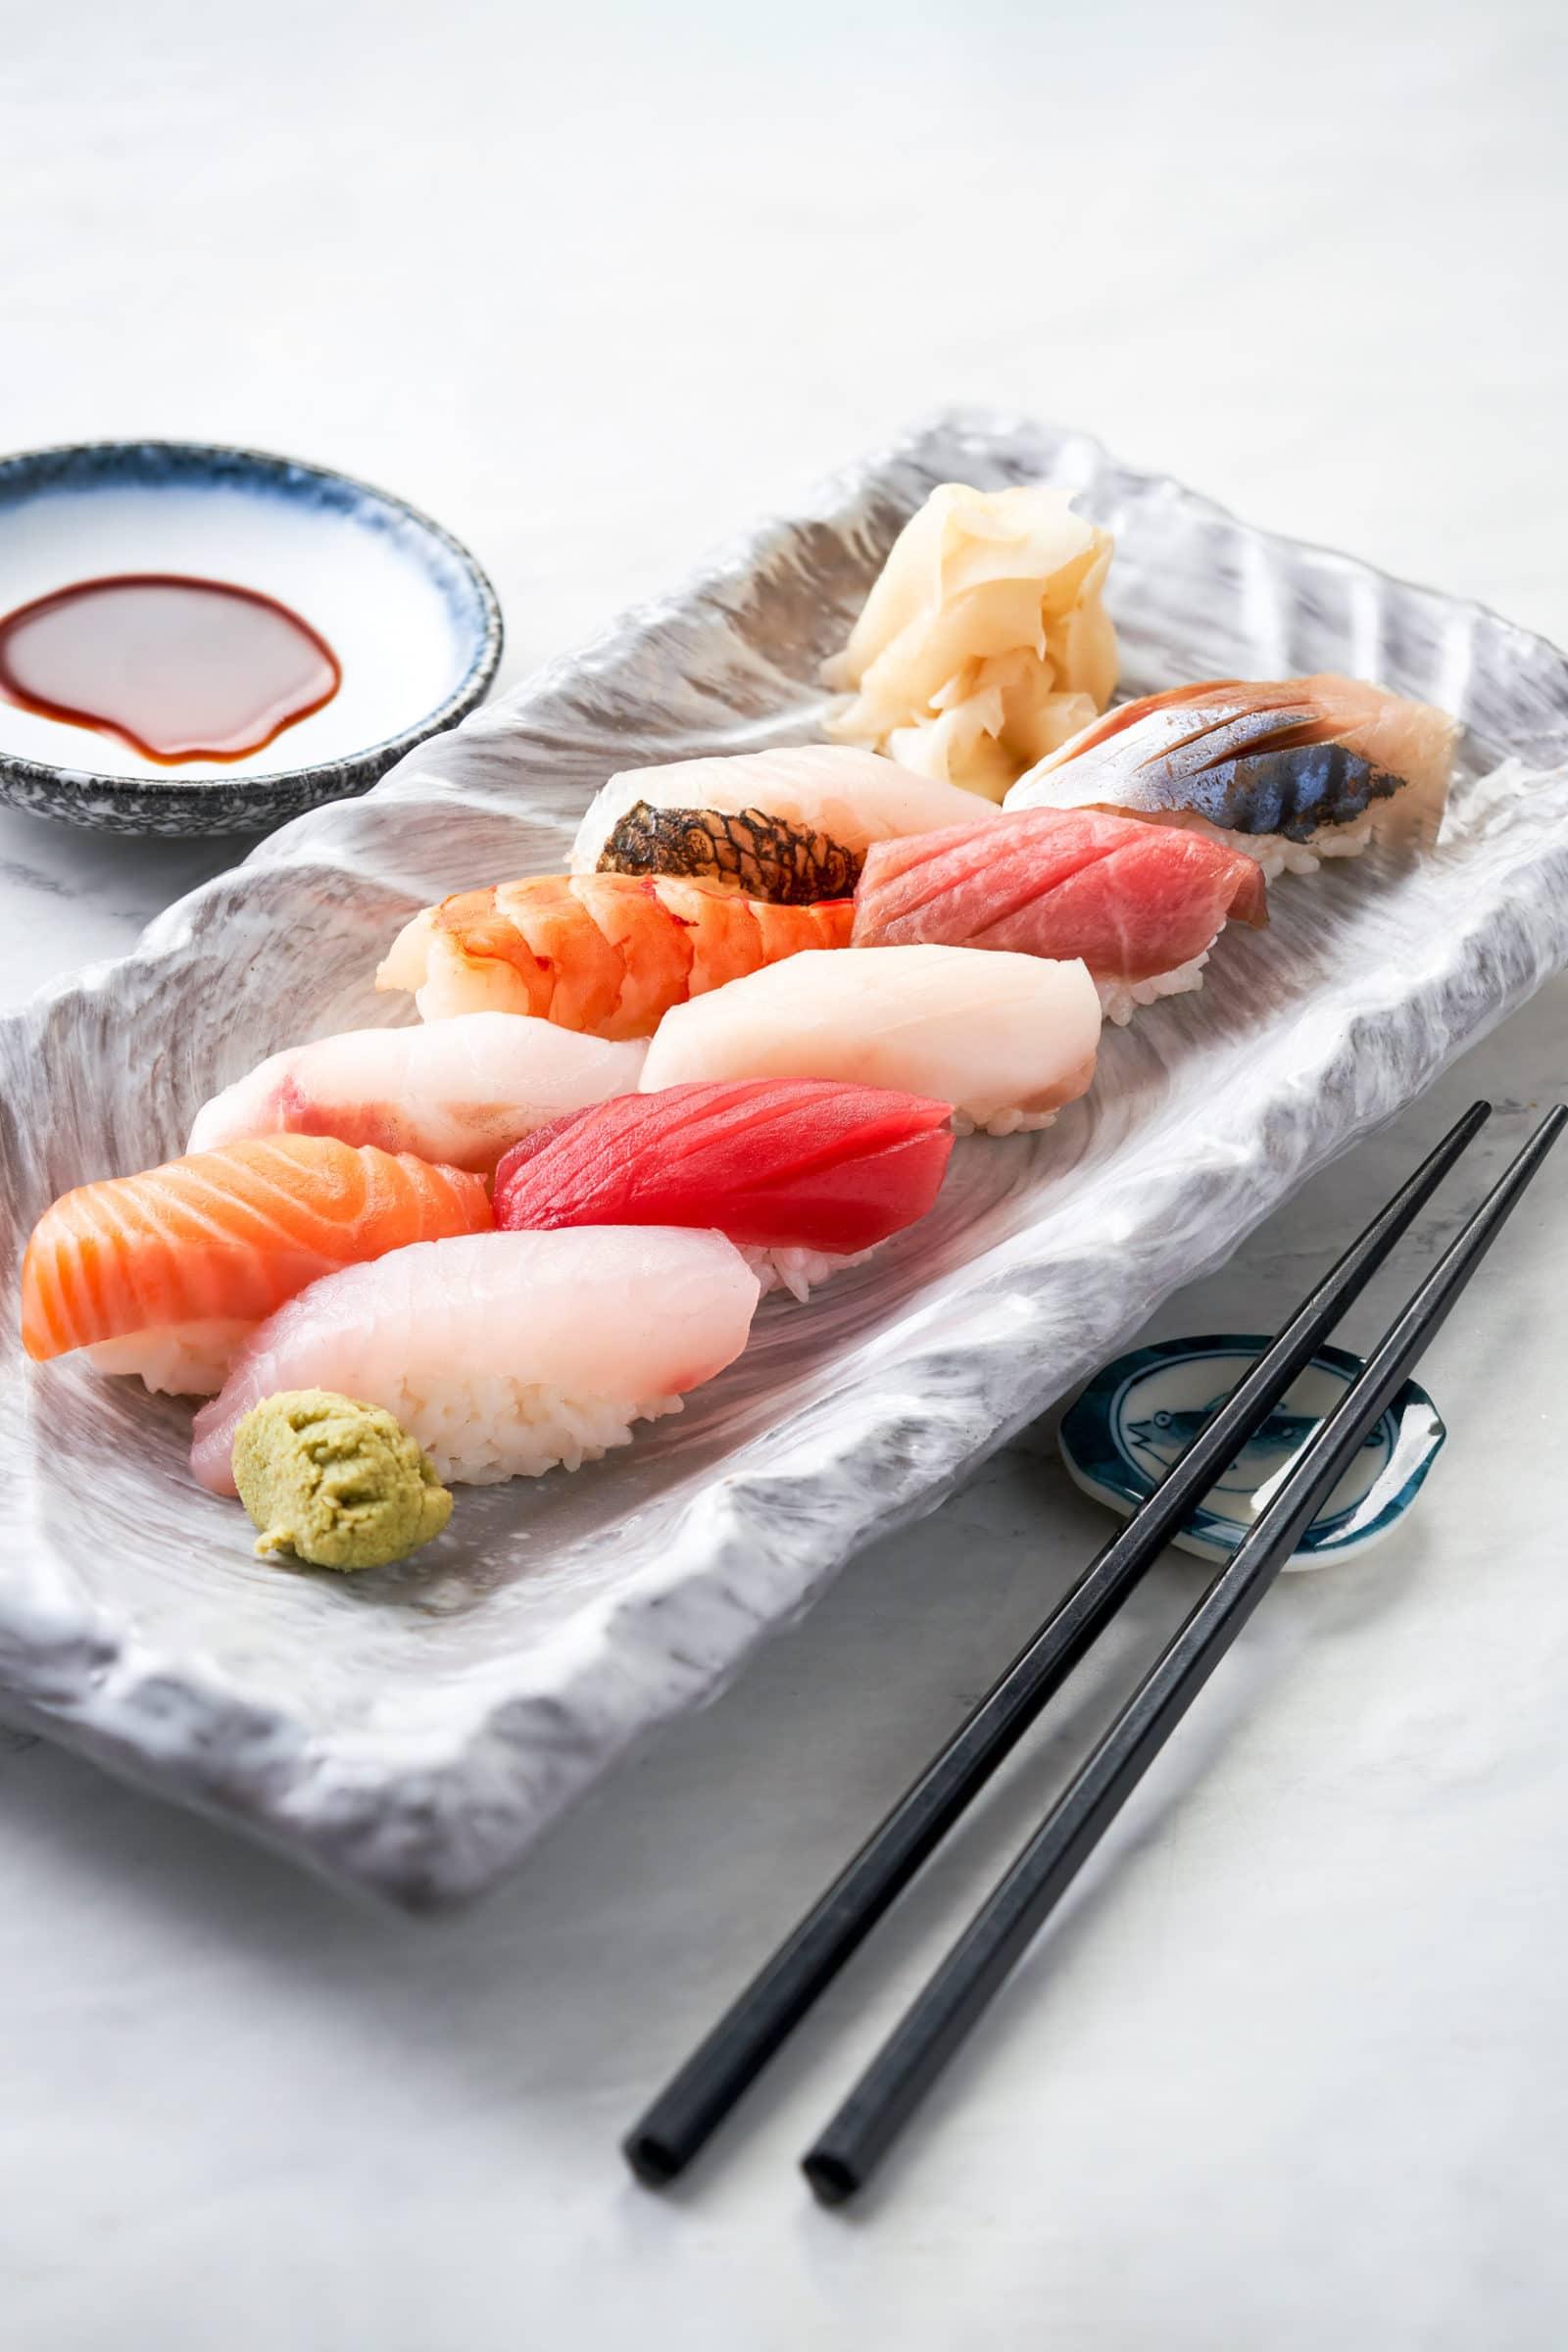 Omakase-Sushi-02-scaled.jpg